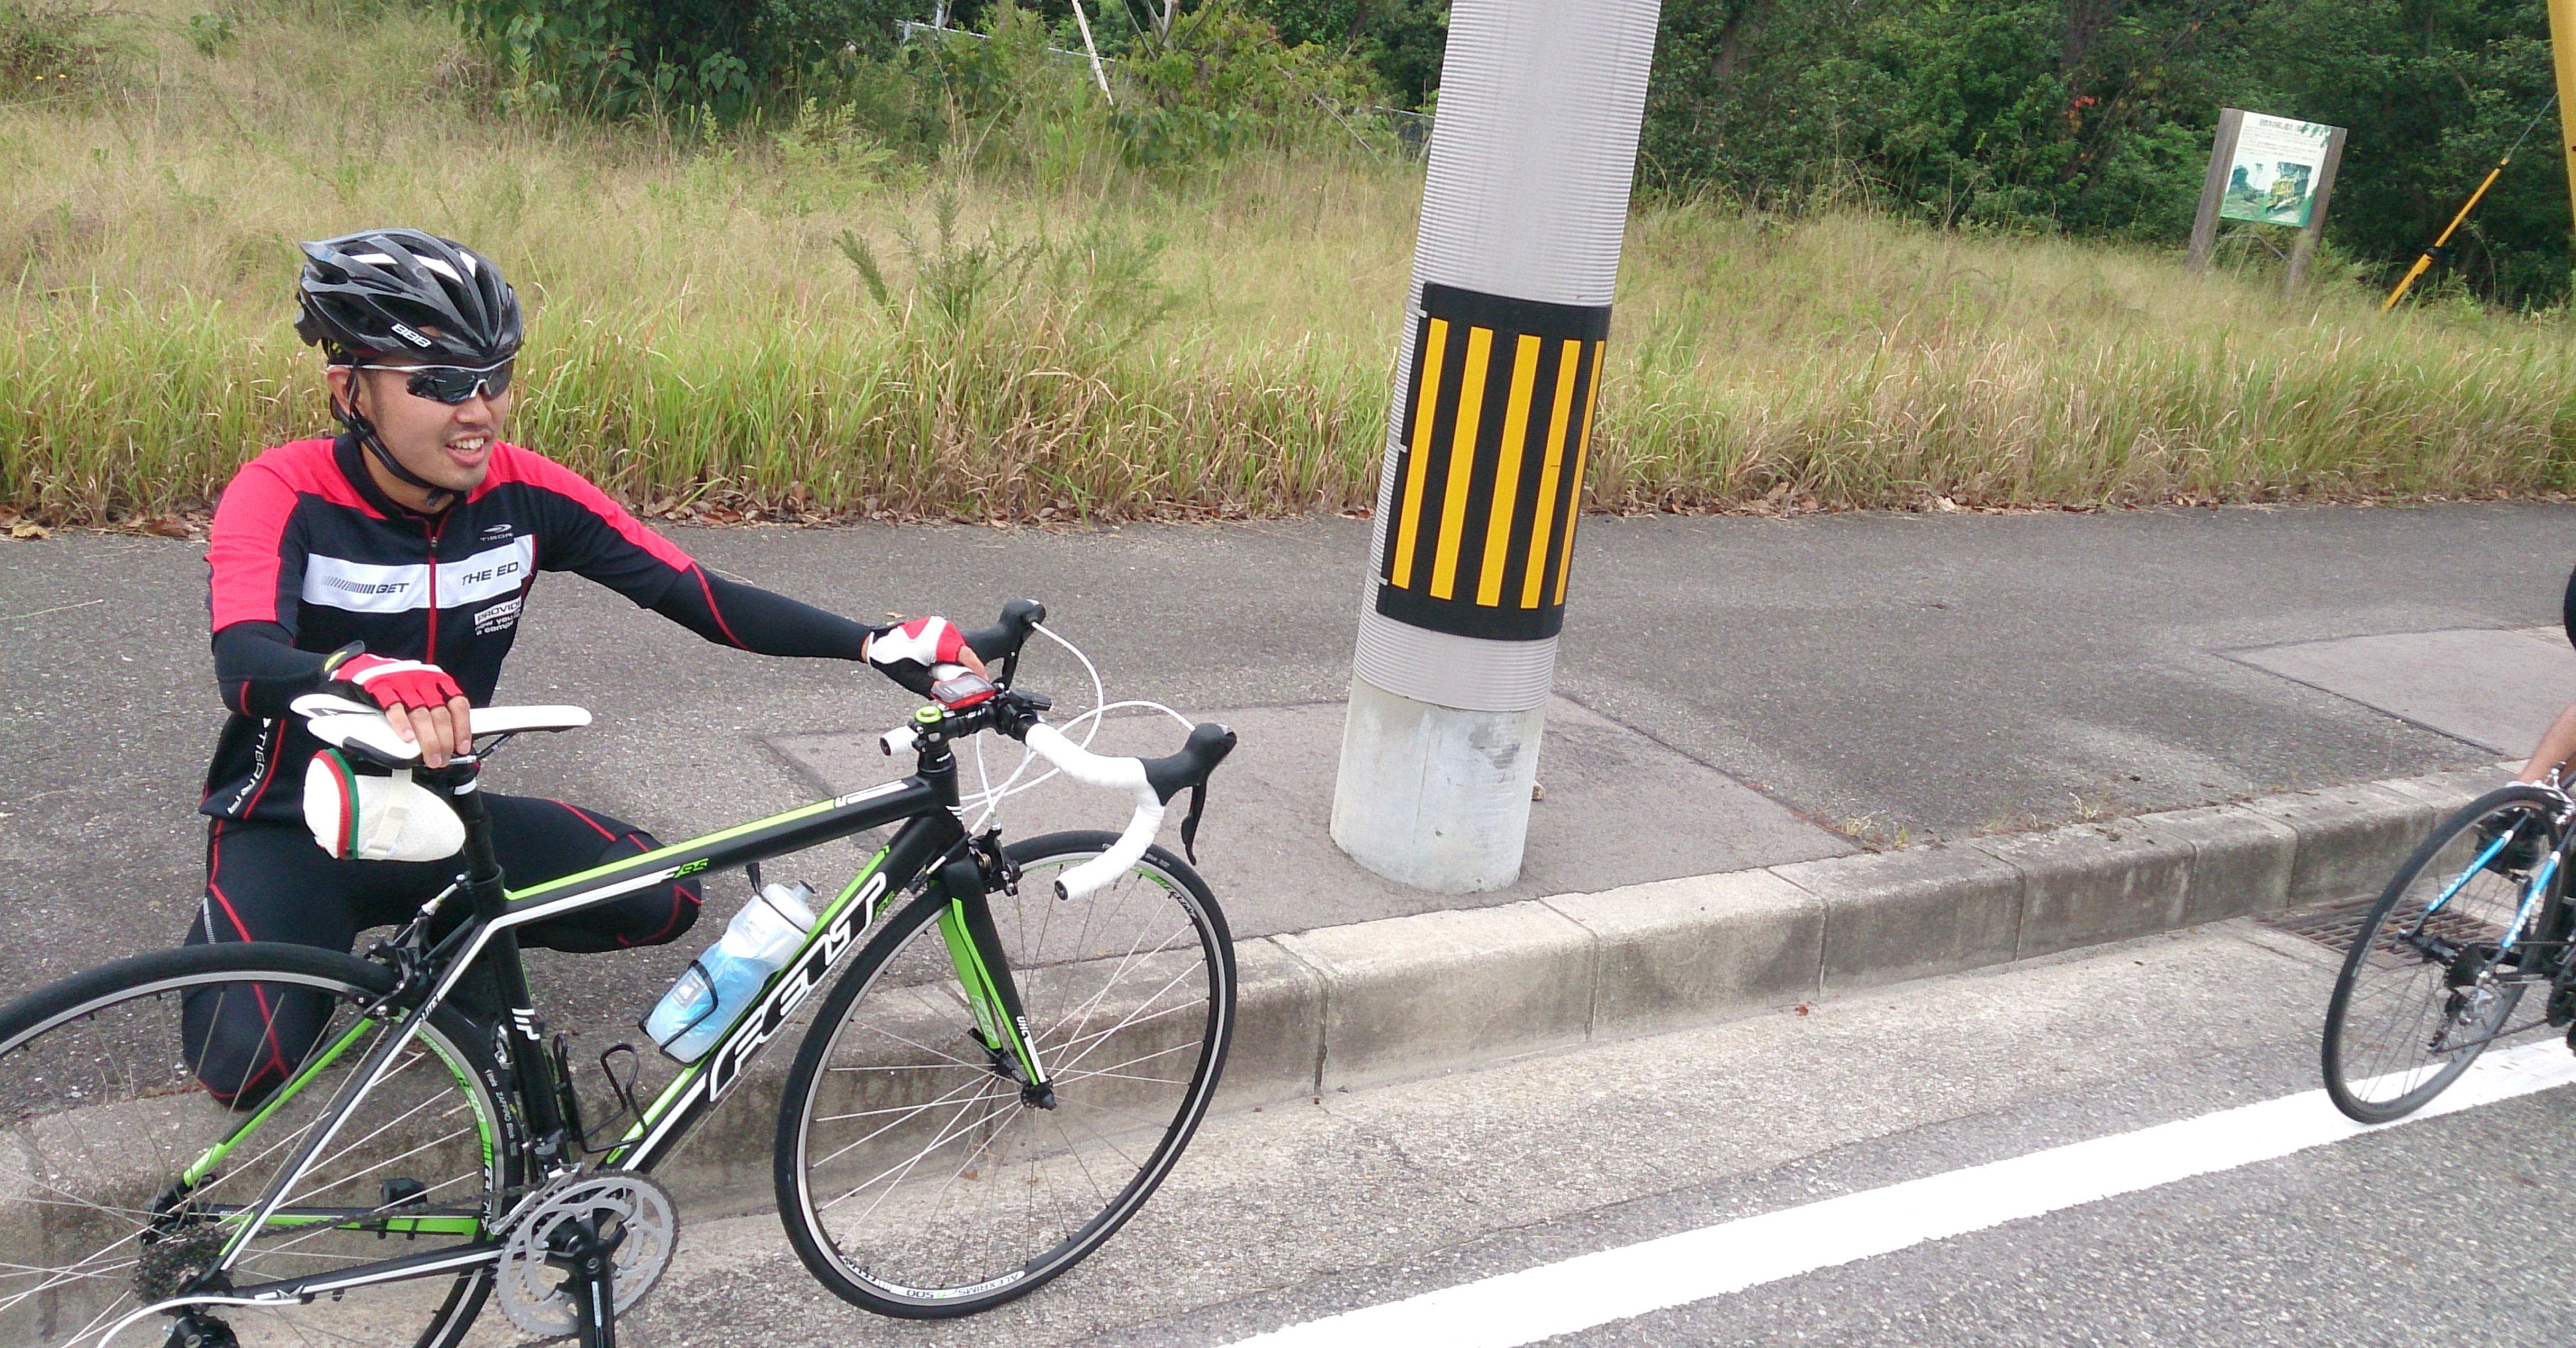 須磨 ロードバイク 走行会